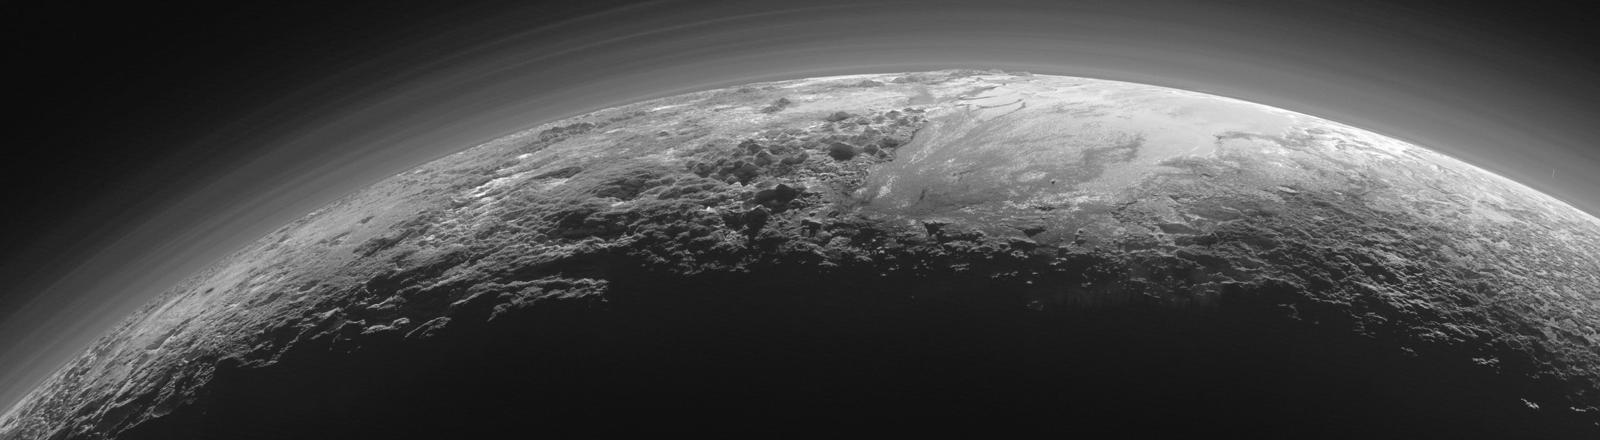 Eisoberfläche des Pluto augenommen durch die Sonde New Horizons. dpa